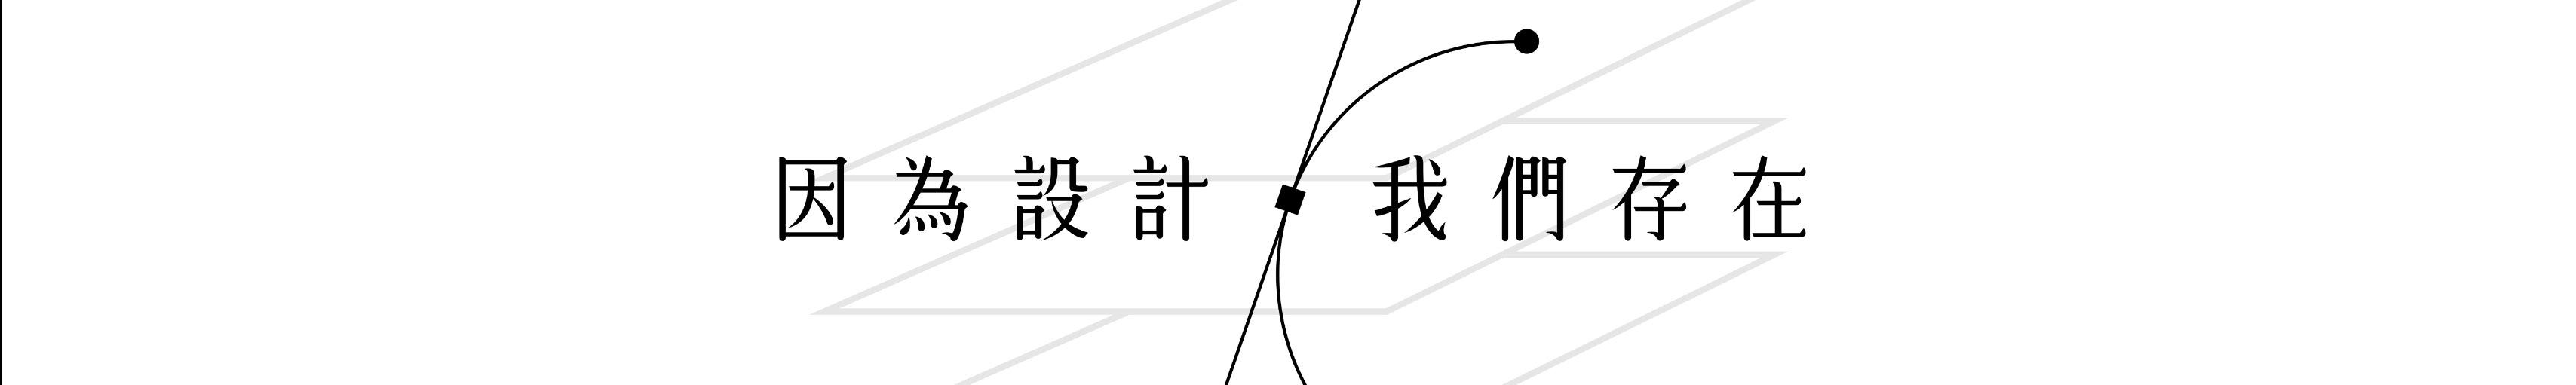 $translate('profile_banner_image_alt', 'User's profile banner')